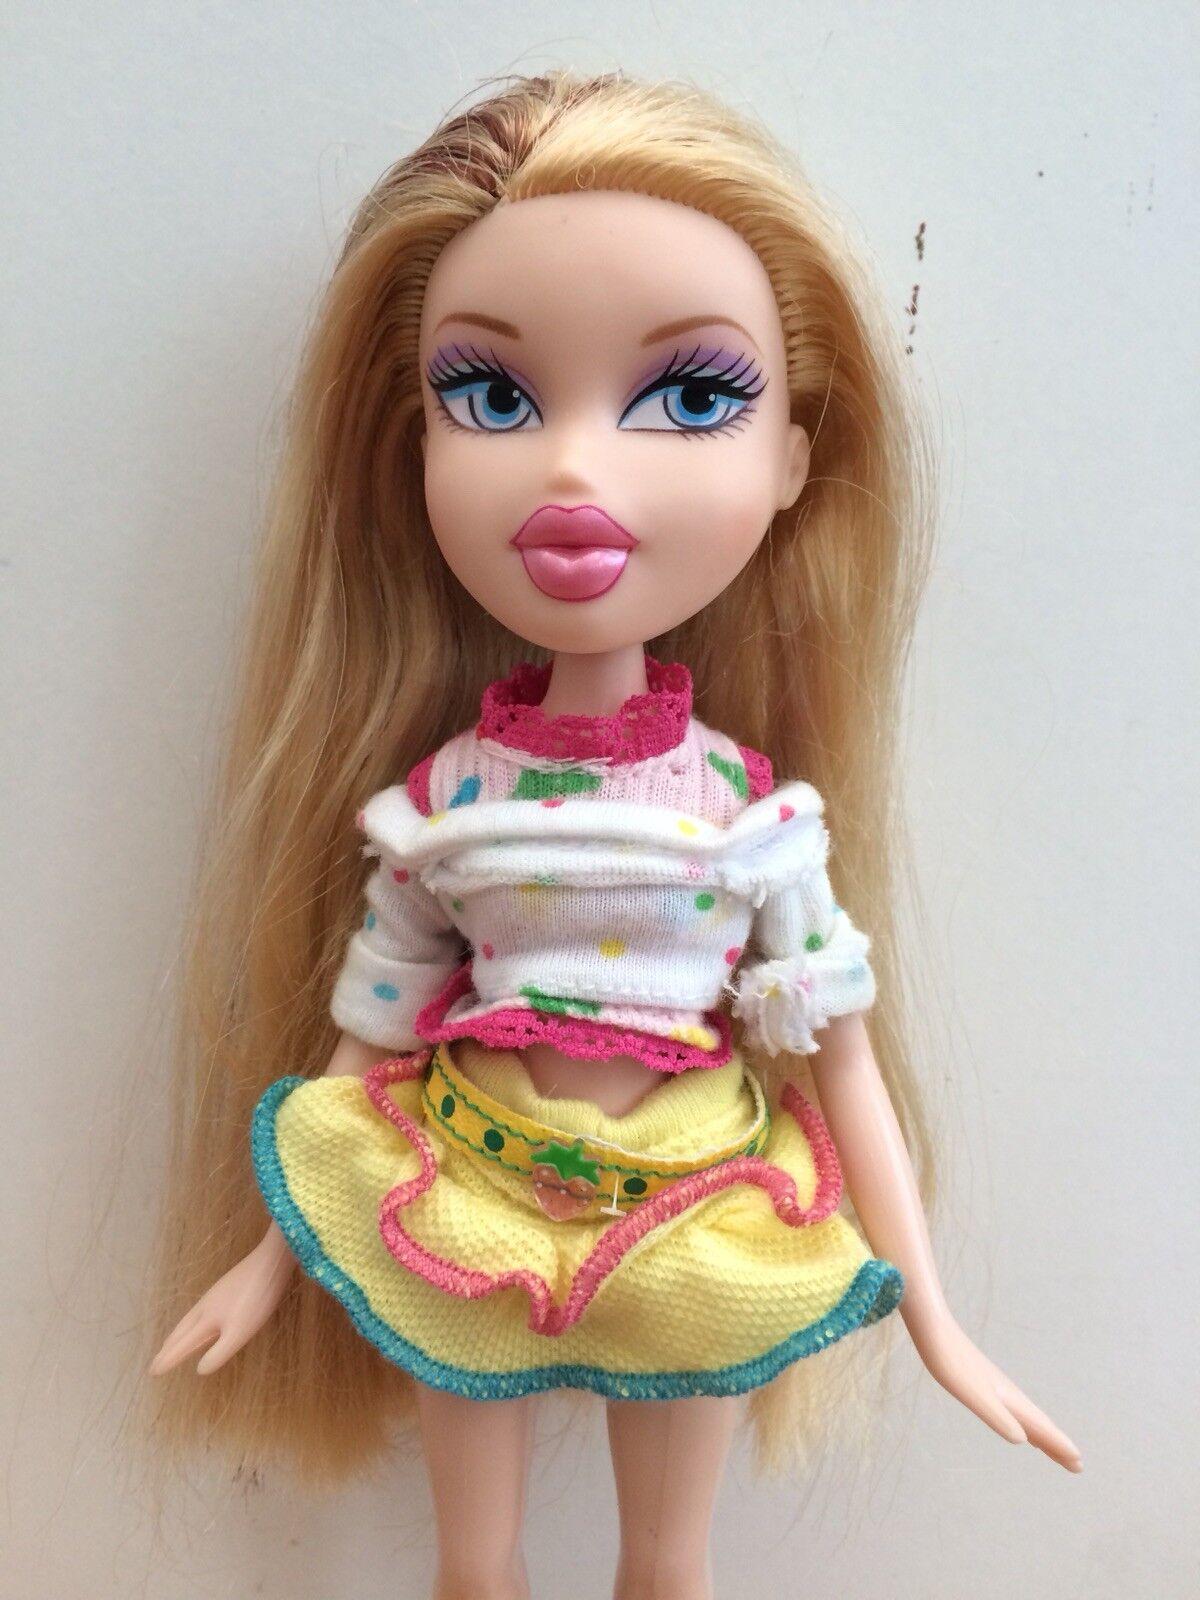 Bratz Doll Sweet Dreamz Dreams Pj Pajama Party Siernna